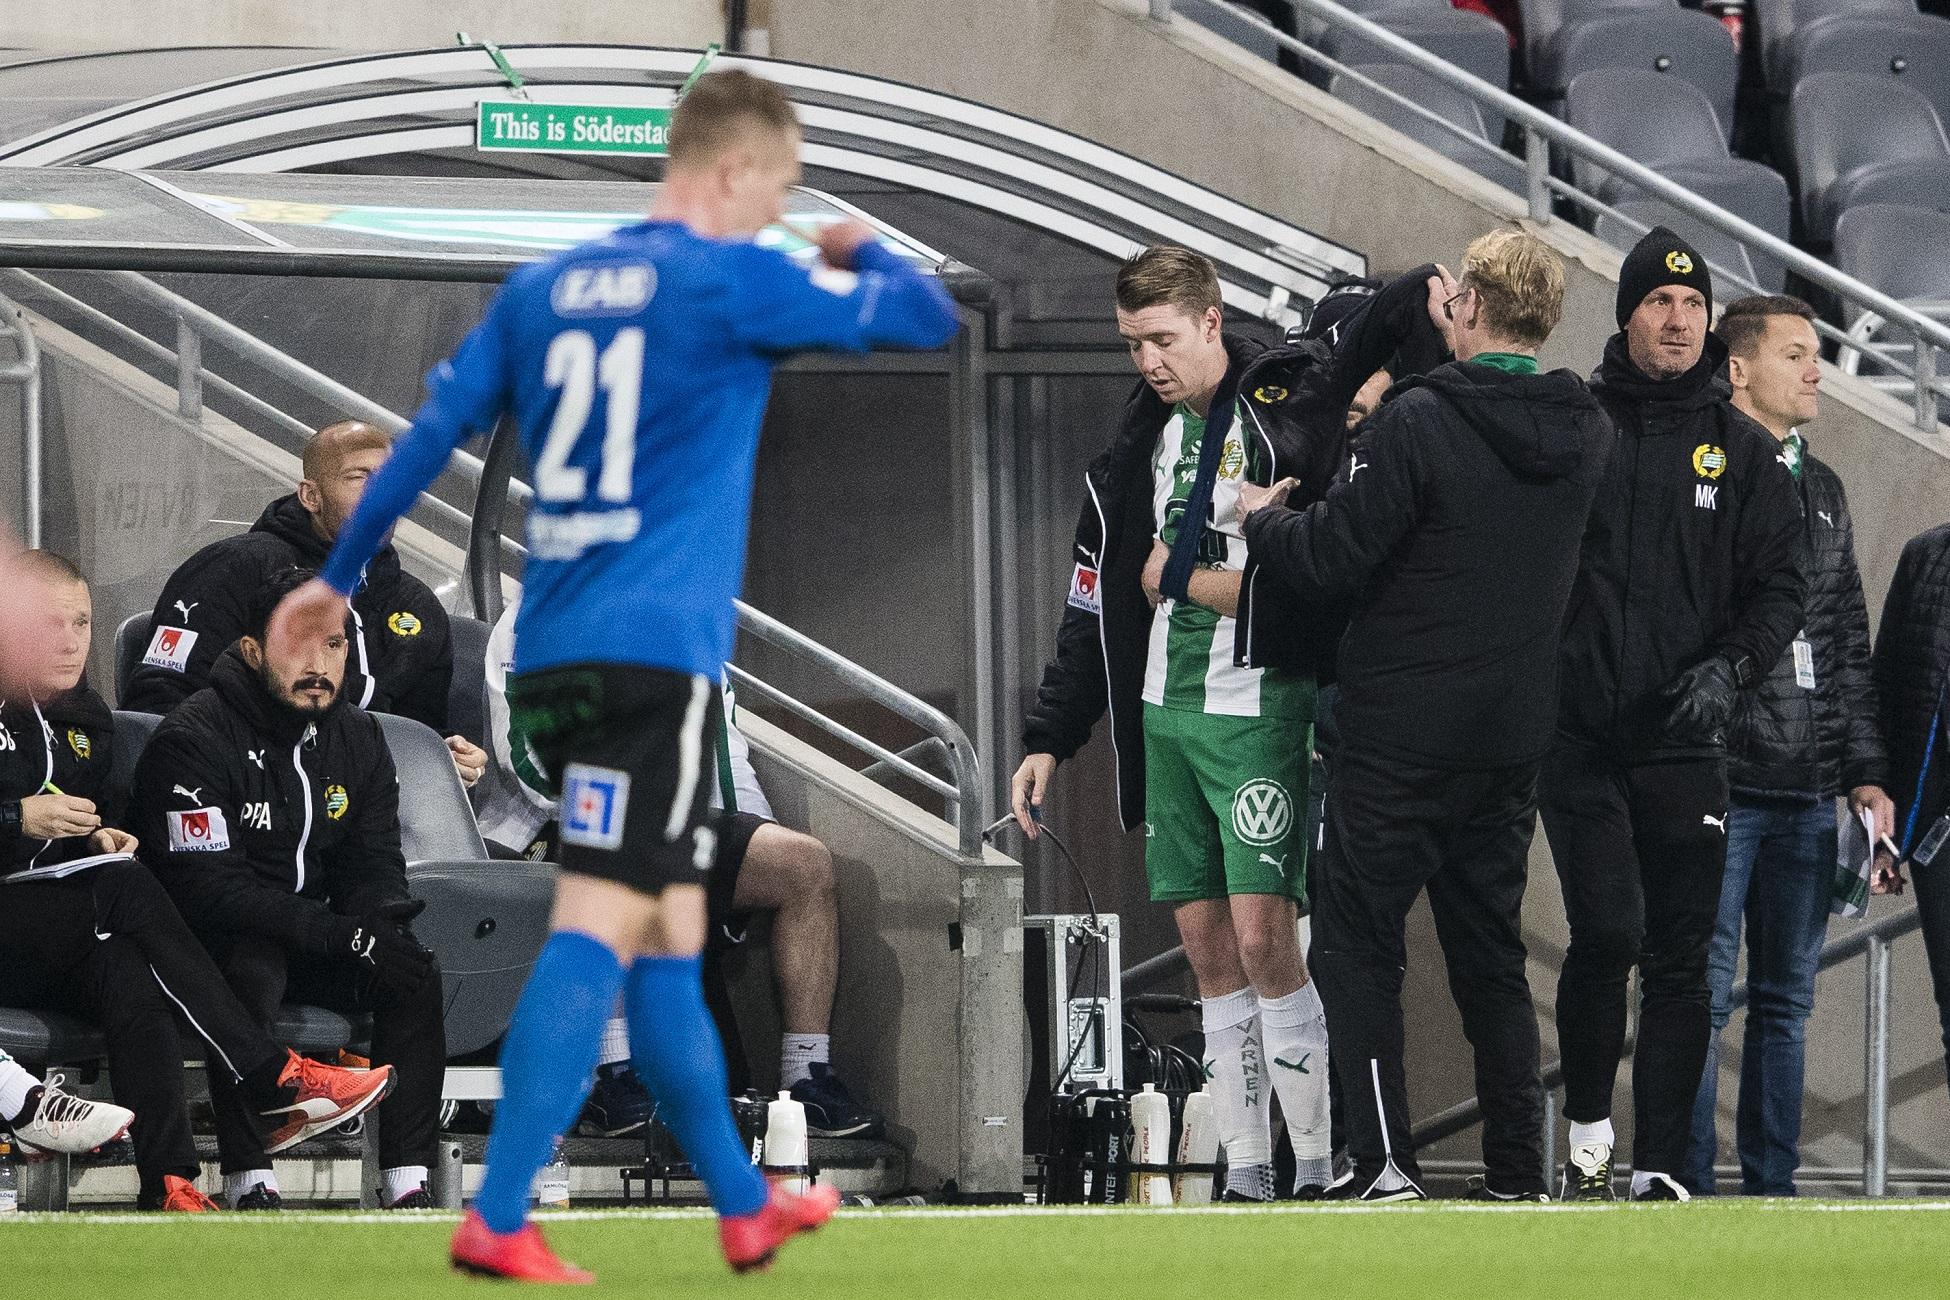 Fotboll, Allsvenskan, Hammarby - Halmstad